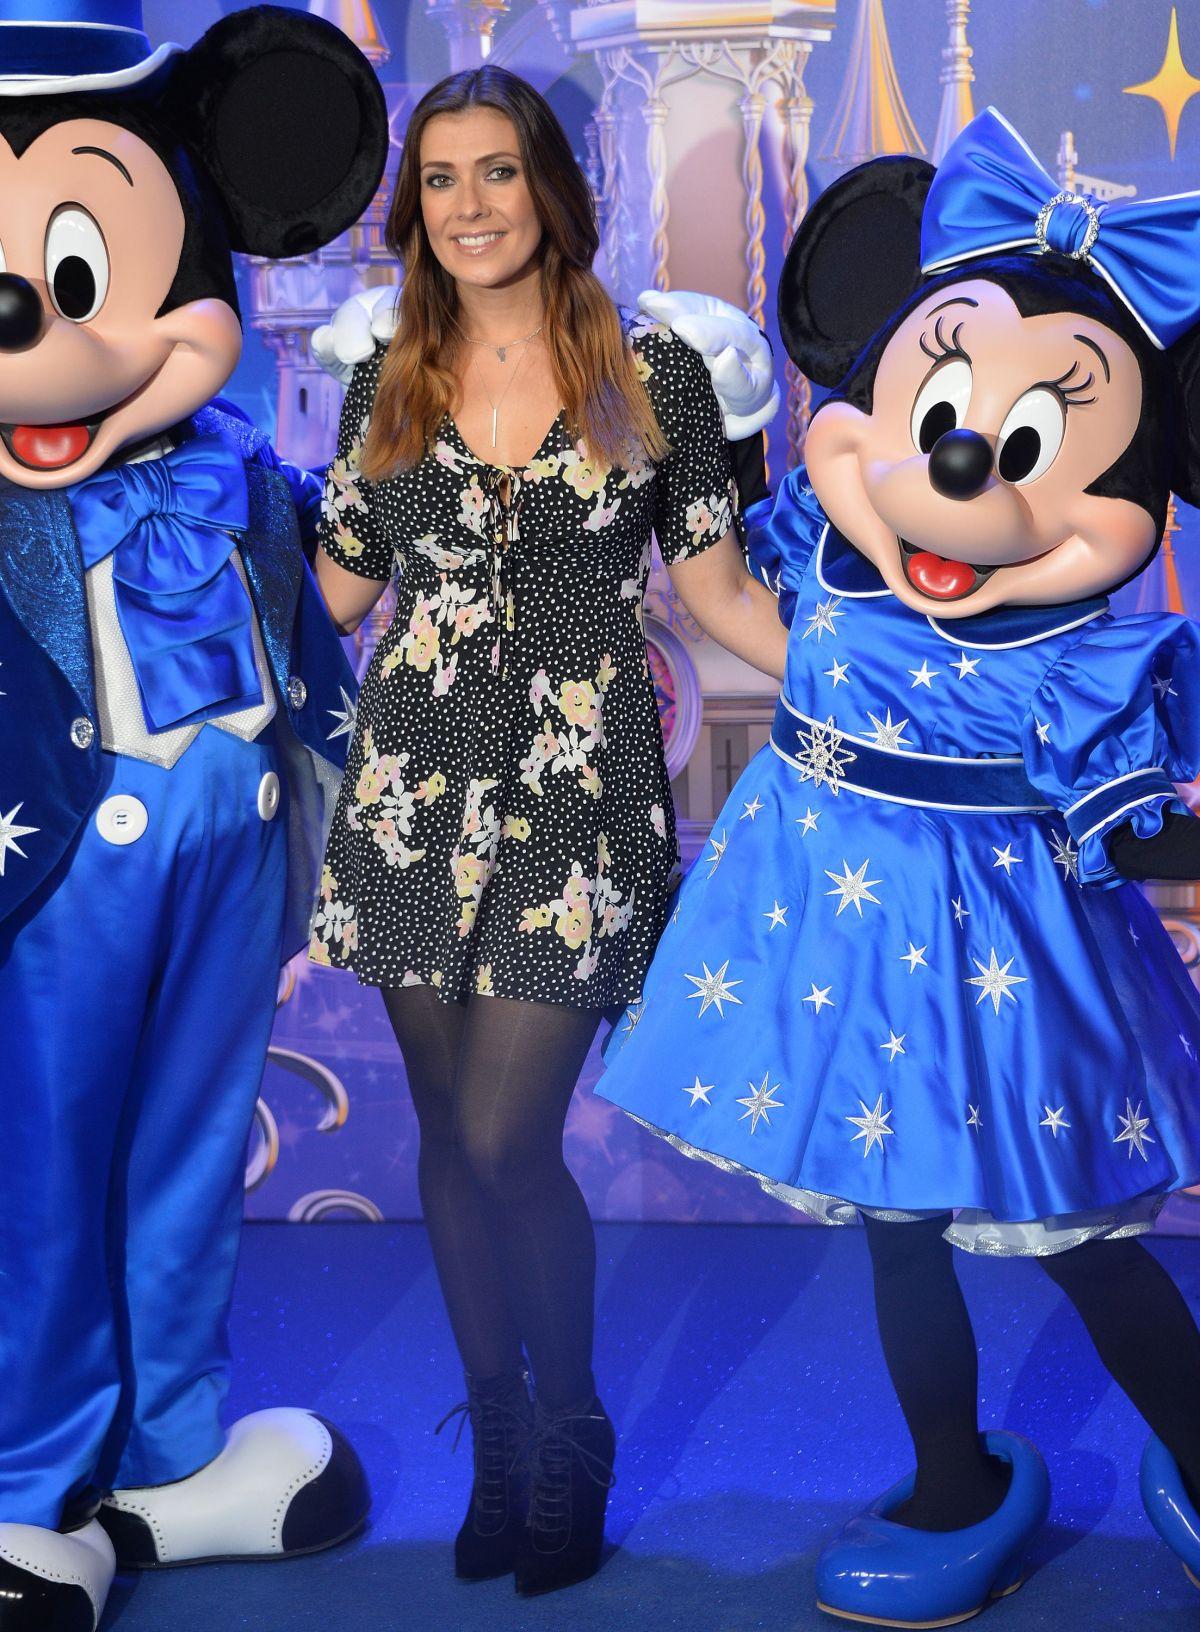 KYM MARSH at Disneyland Paris 25th Anniversary Celebration 03/25/2017